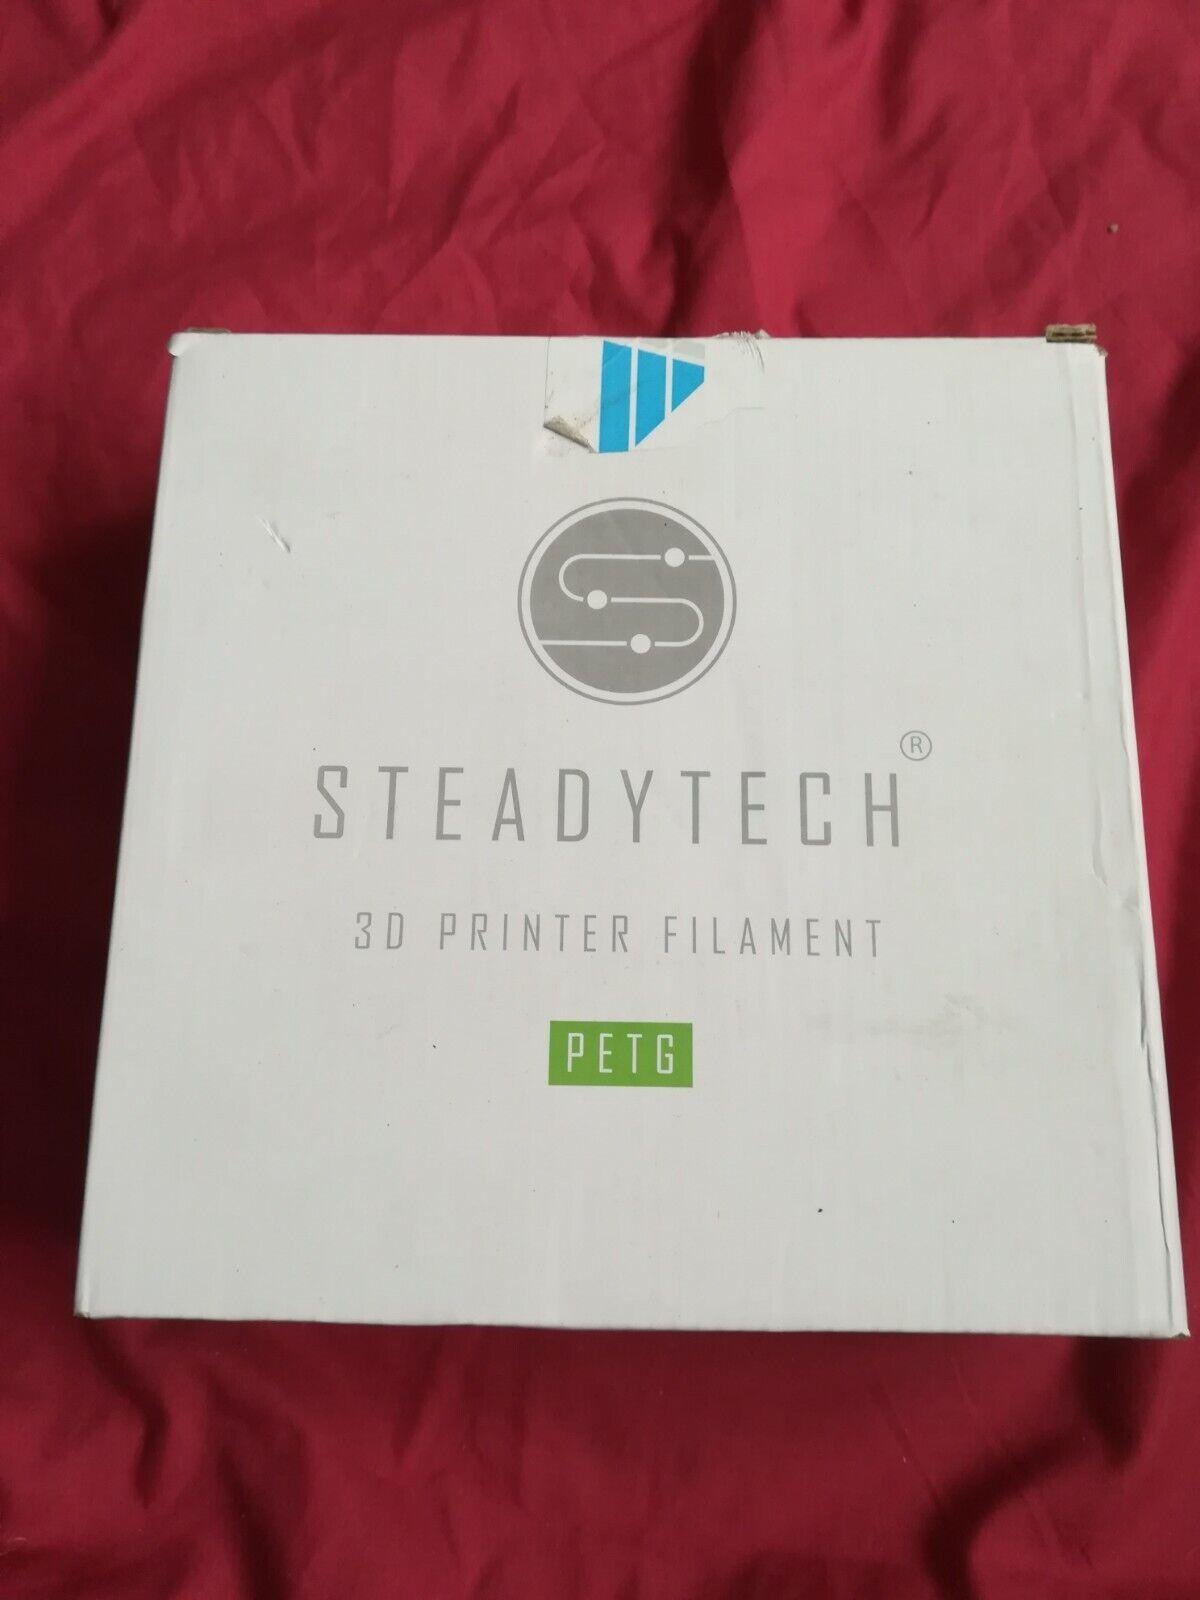 Steadytech 3d Printer Filament - Black